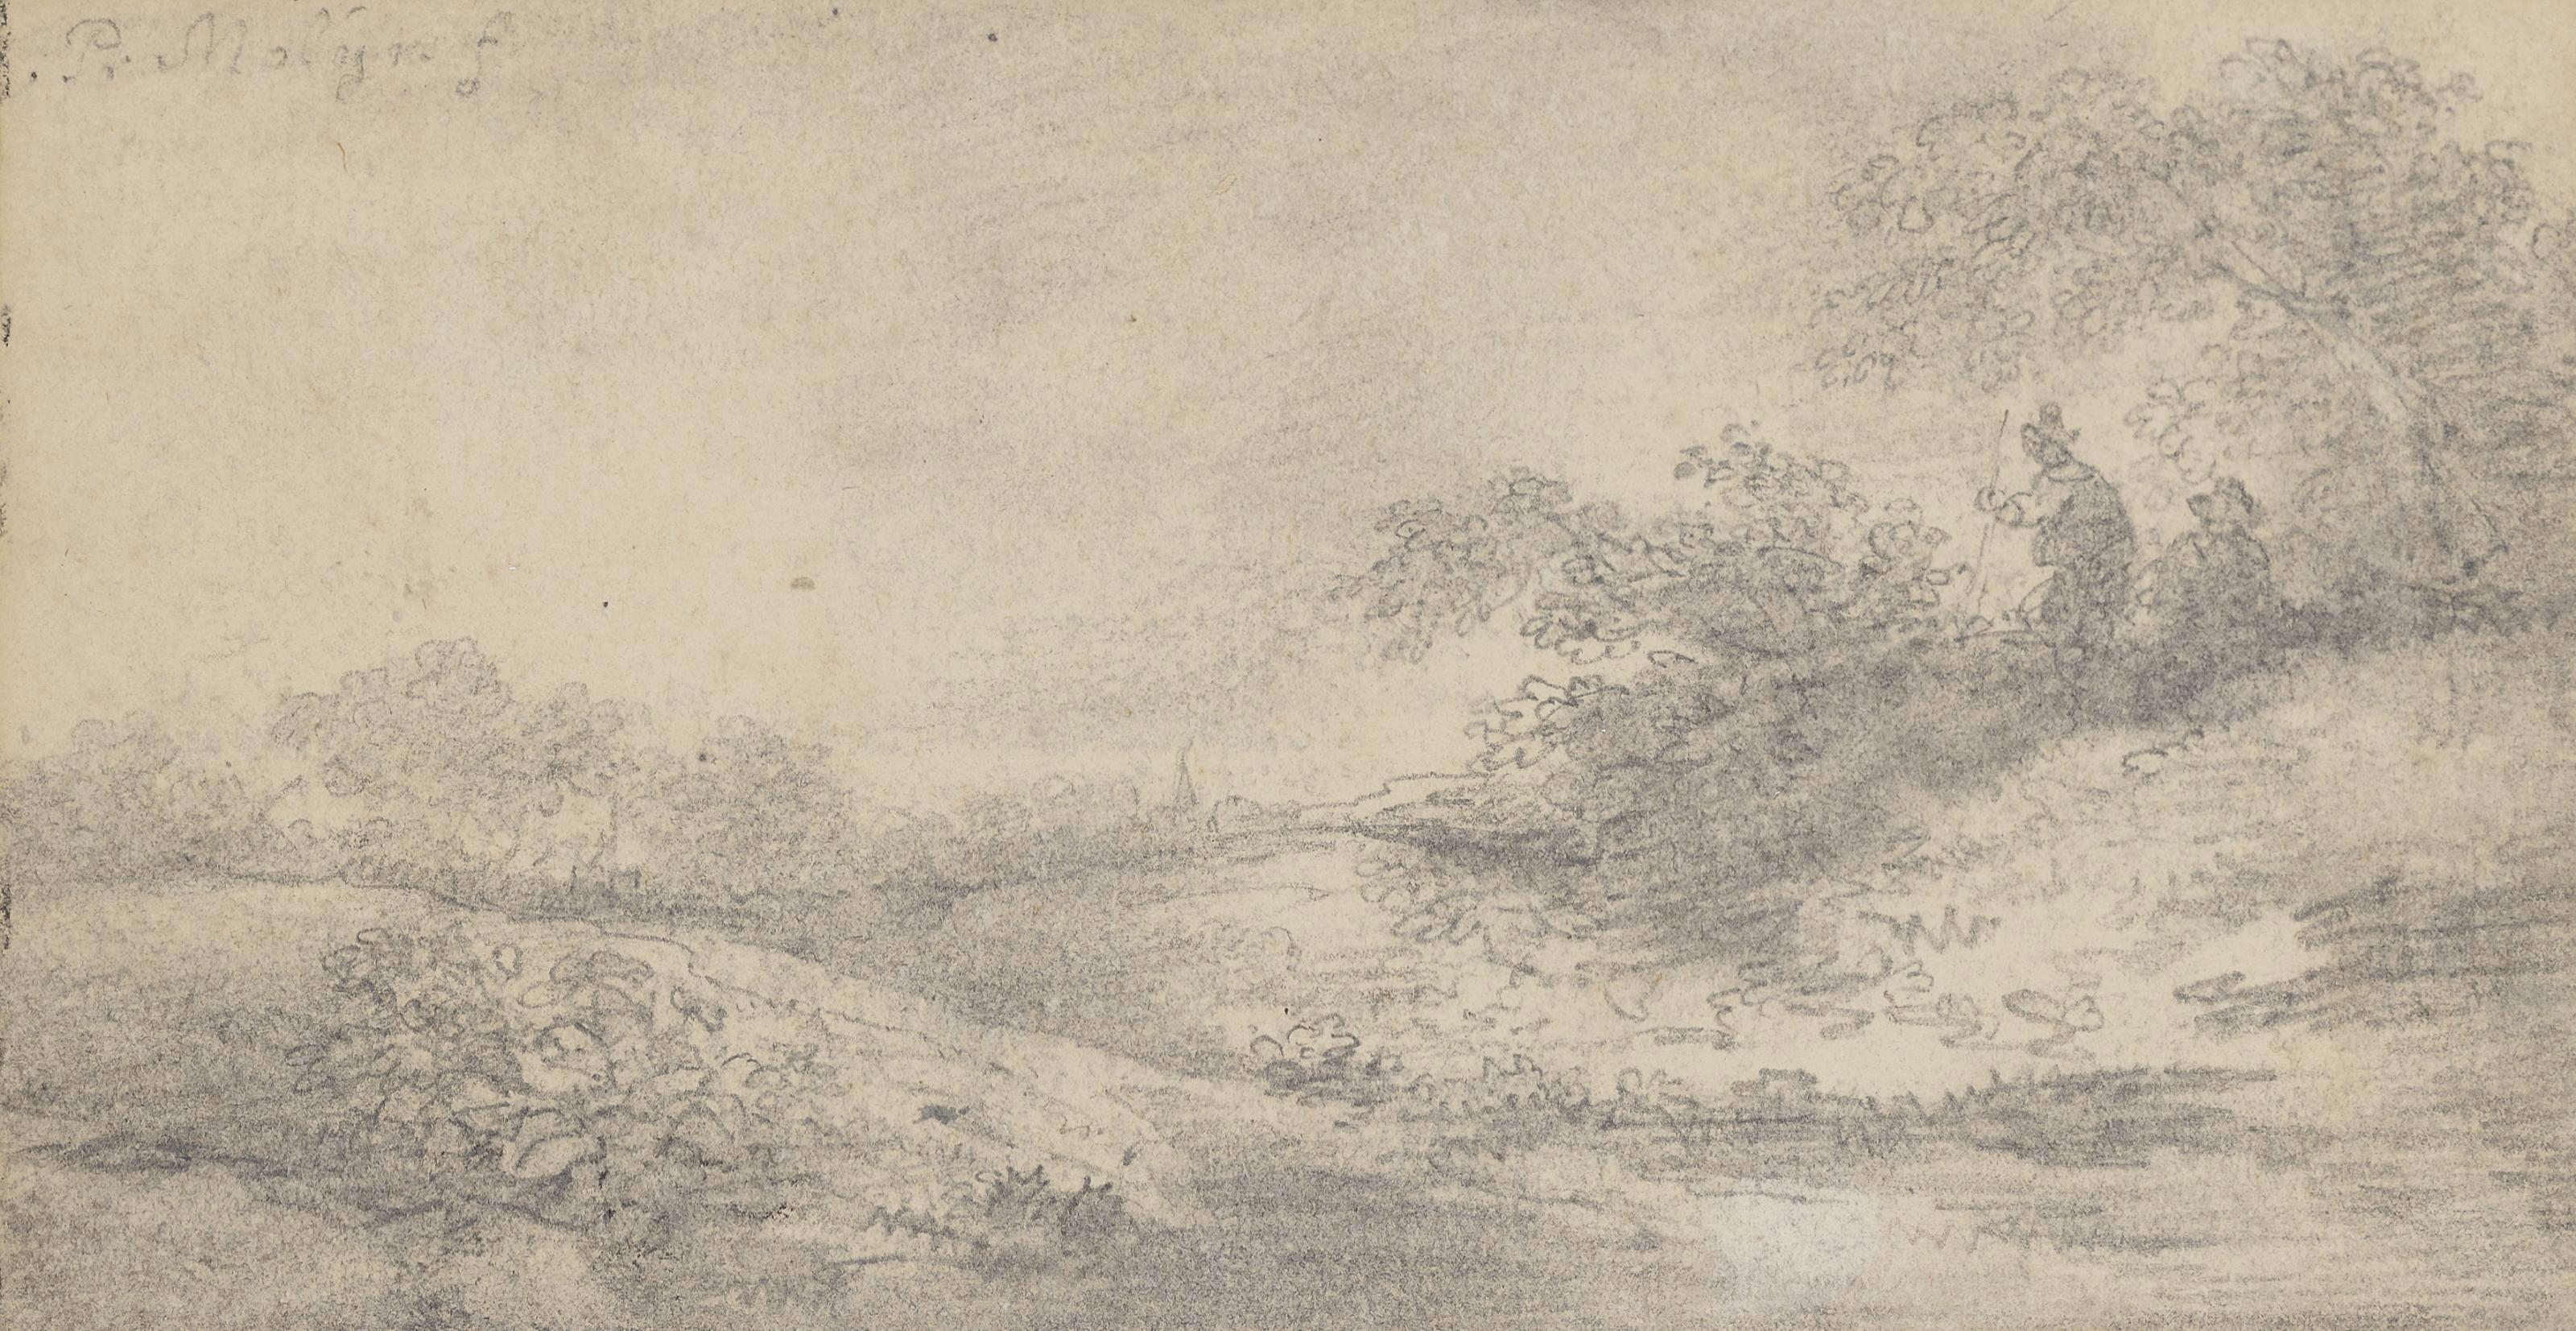 Pieter Molijn (1595-1661)